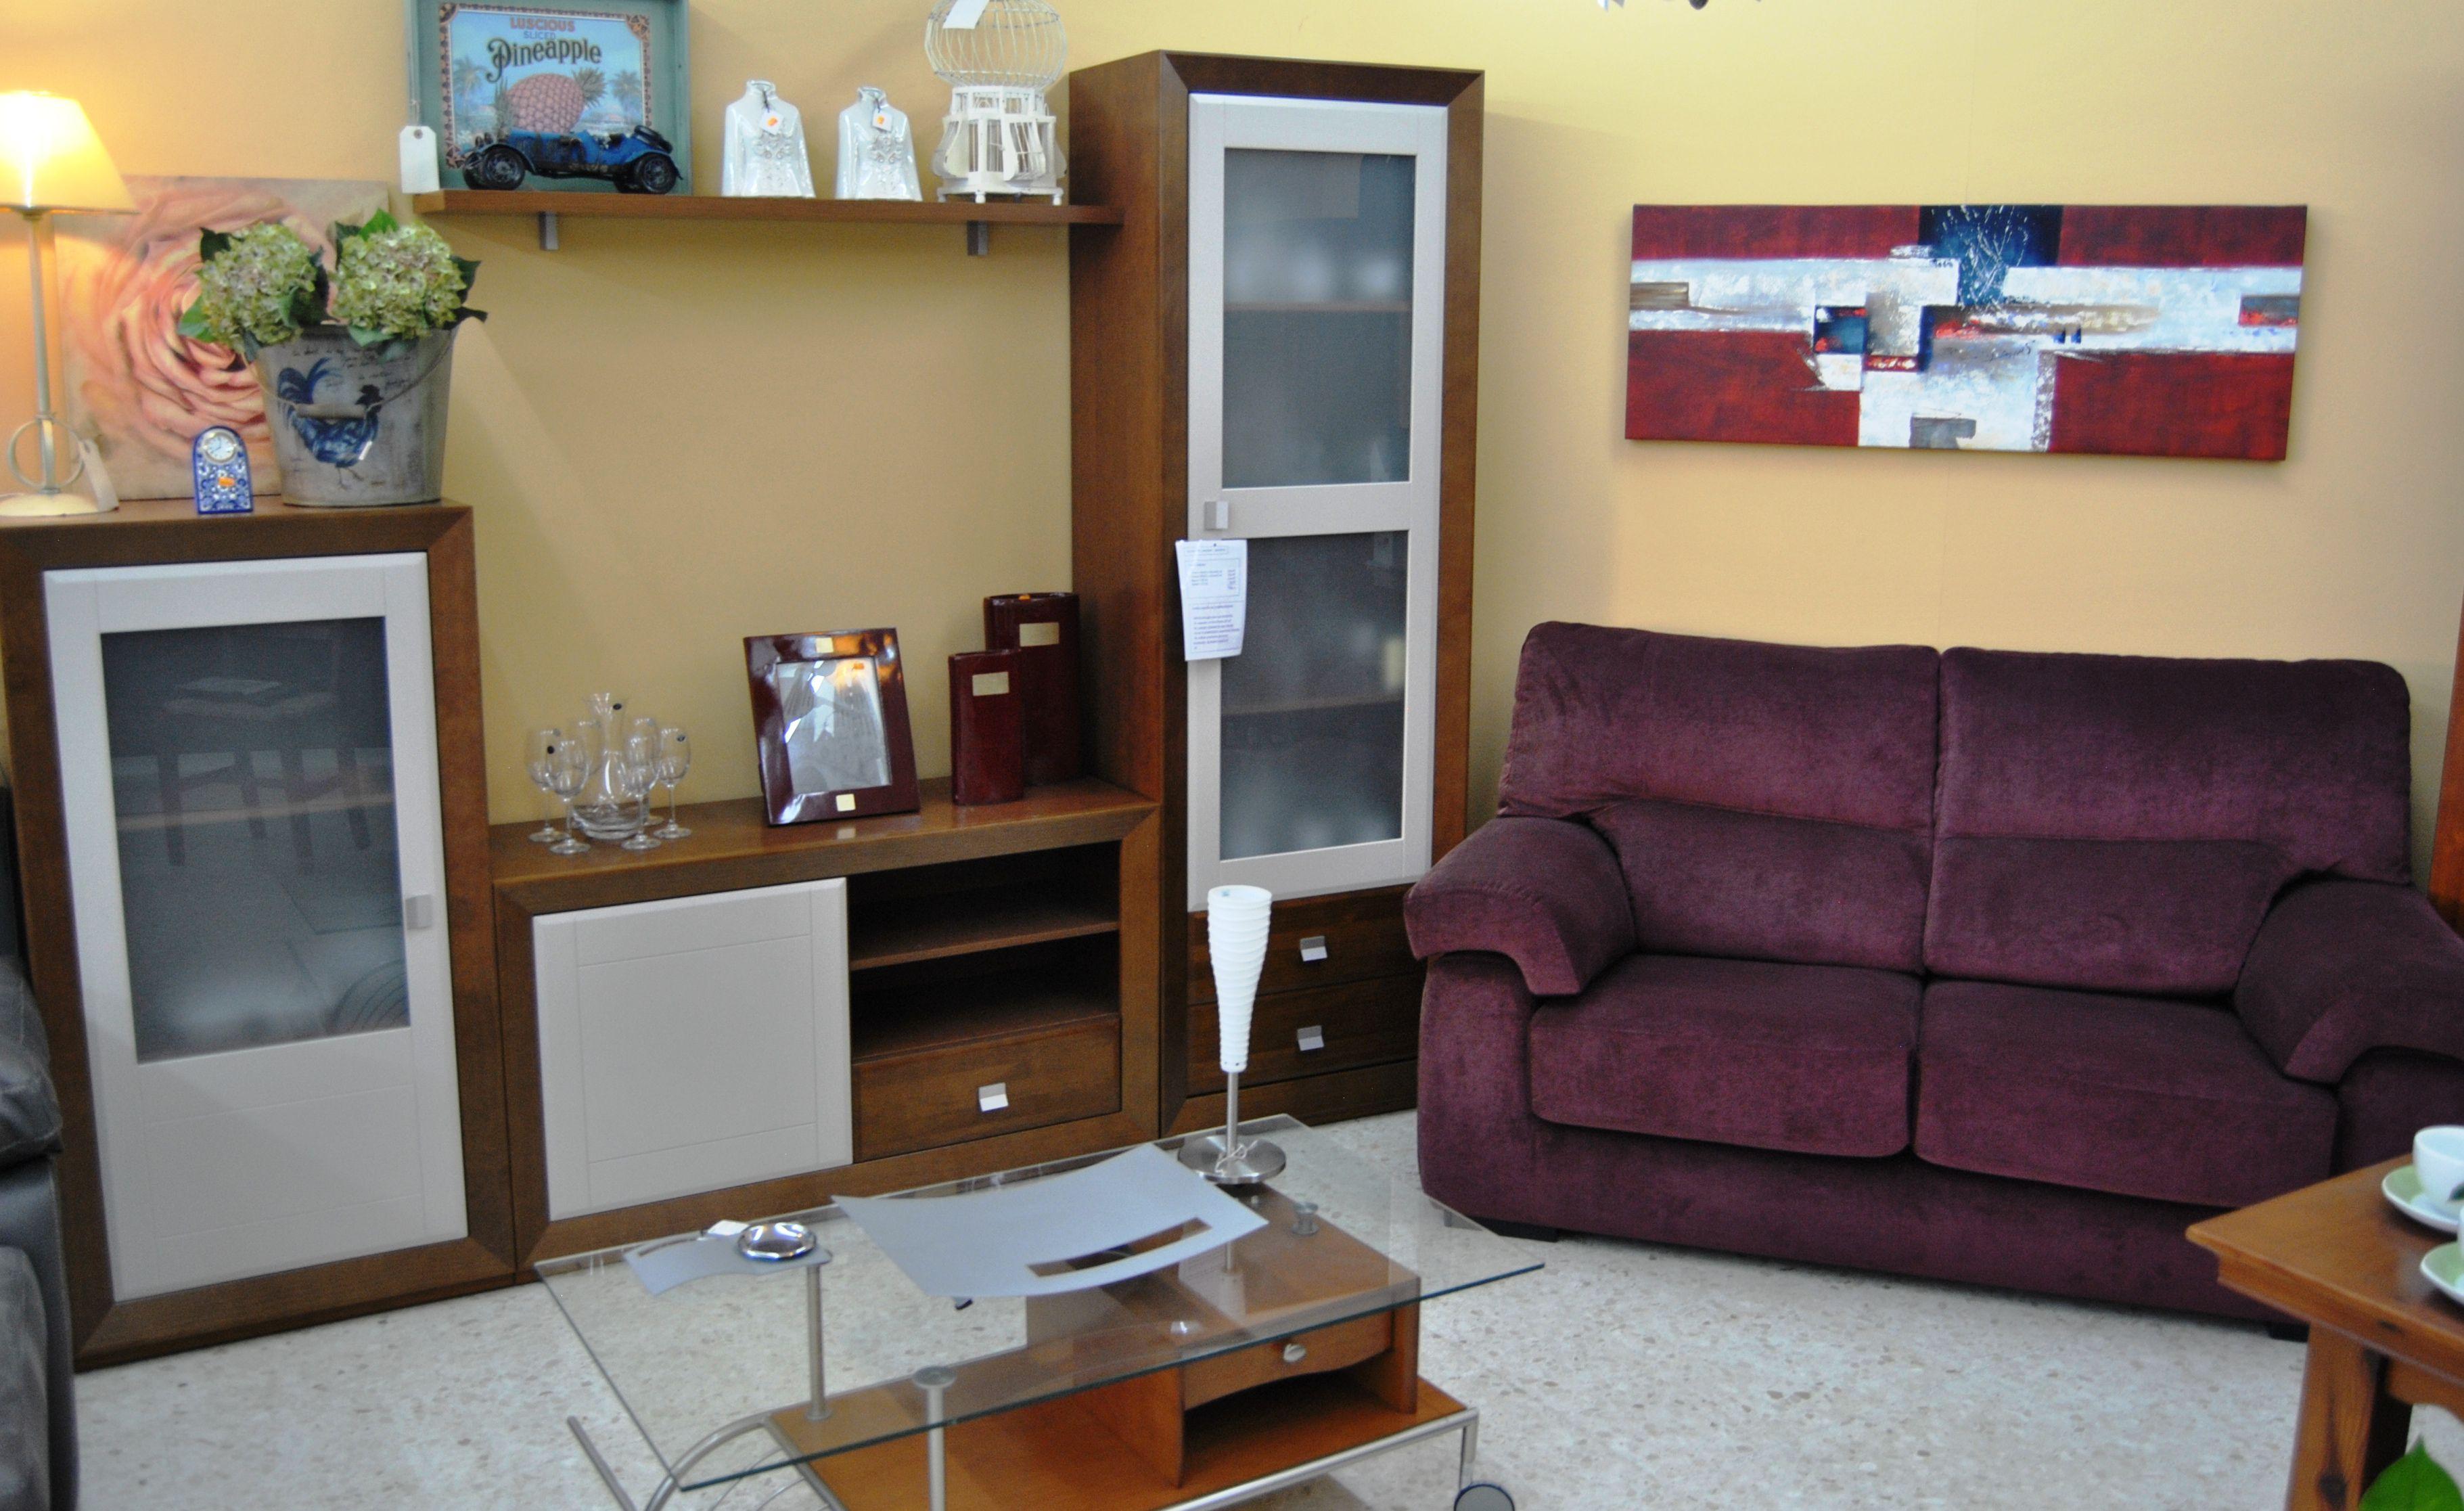 Muebles en sevilla muebles isidoro dom nguez bellavista for Registro de bienes muebles sevilla